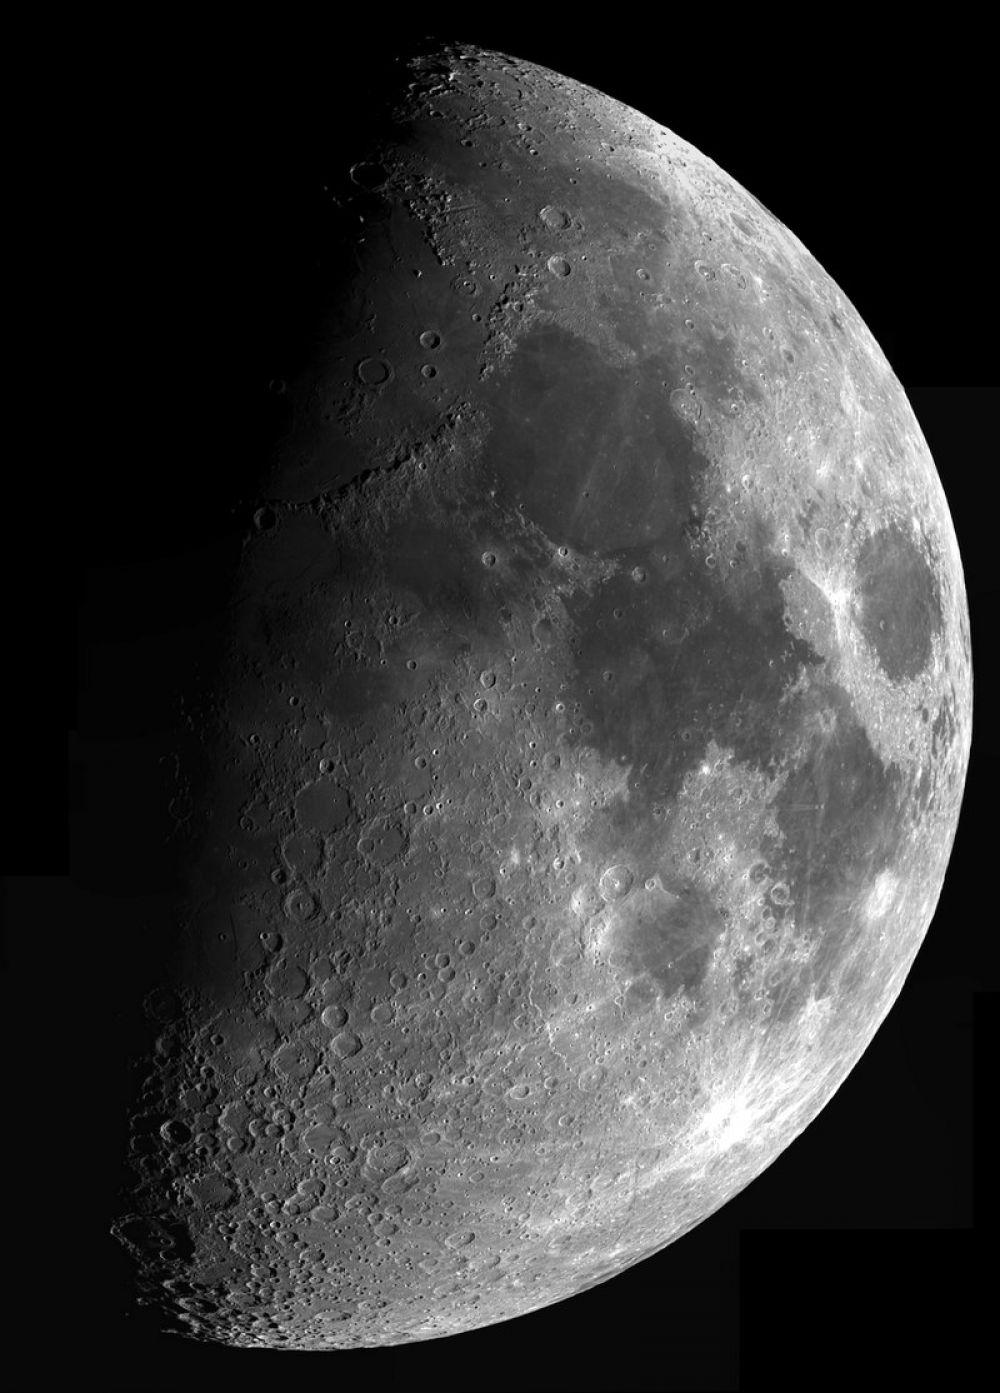 Название: Панорама Луны. Номинация: Космос. Описание: Мозаичное панно Луны в разрешении 4K. Снято телескопом на Sky-Watcher MAK127. Камера Celestron Neximage 5. Автор: Малов Андрей